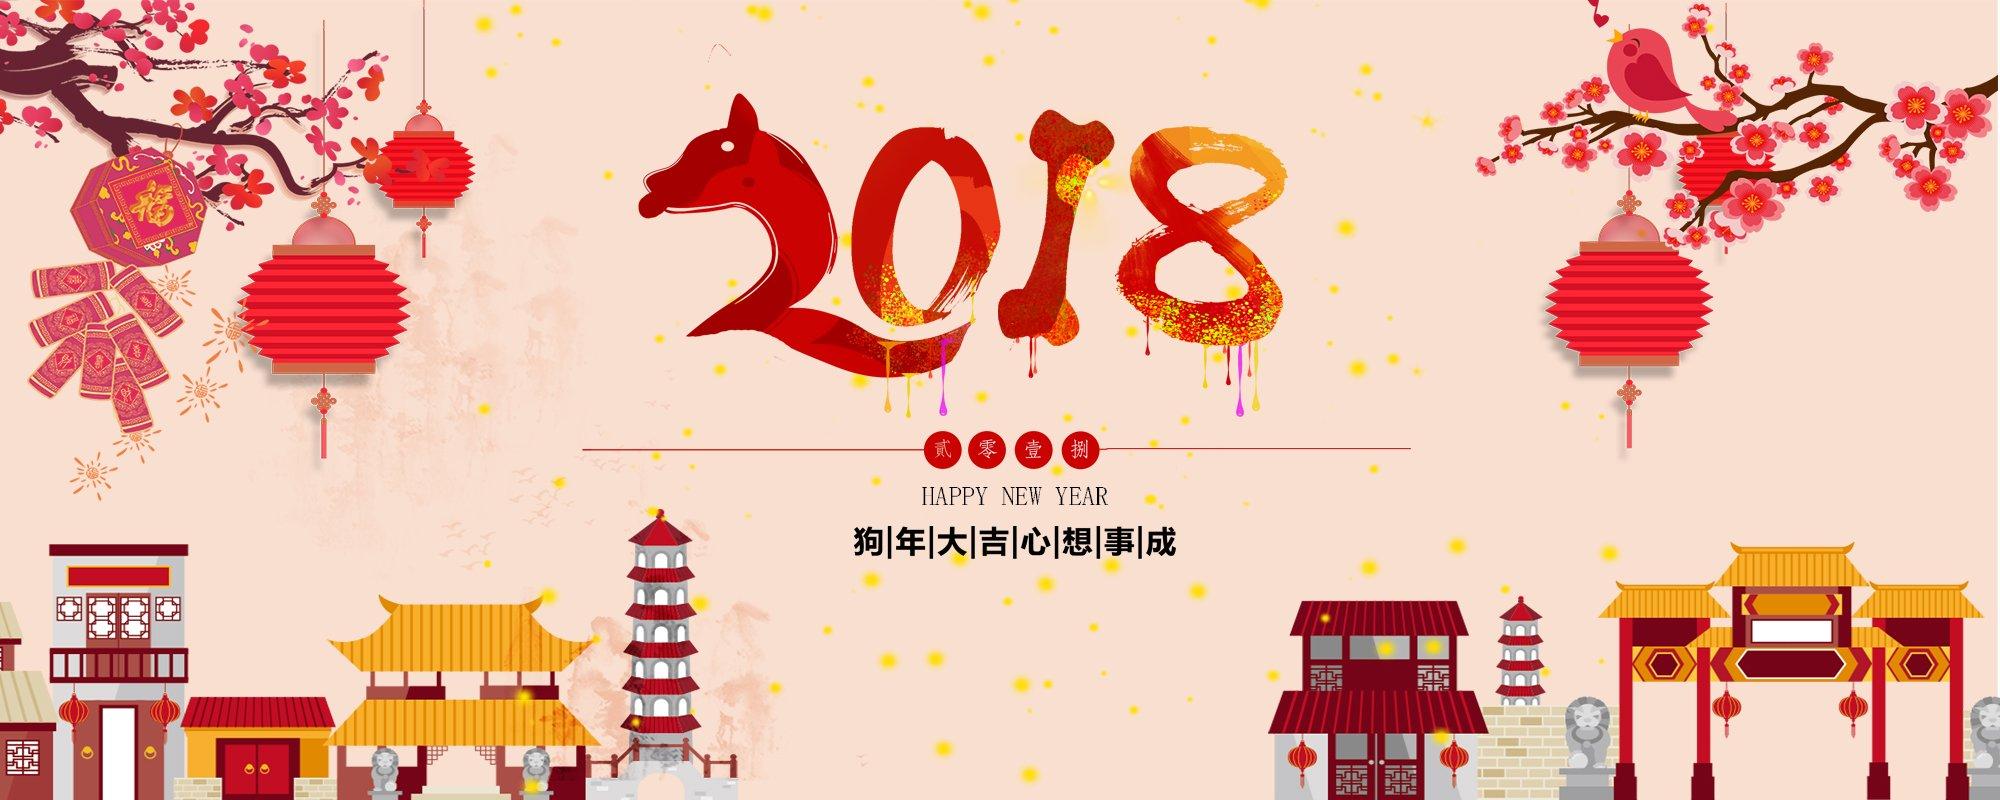 新年海报.jpg